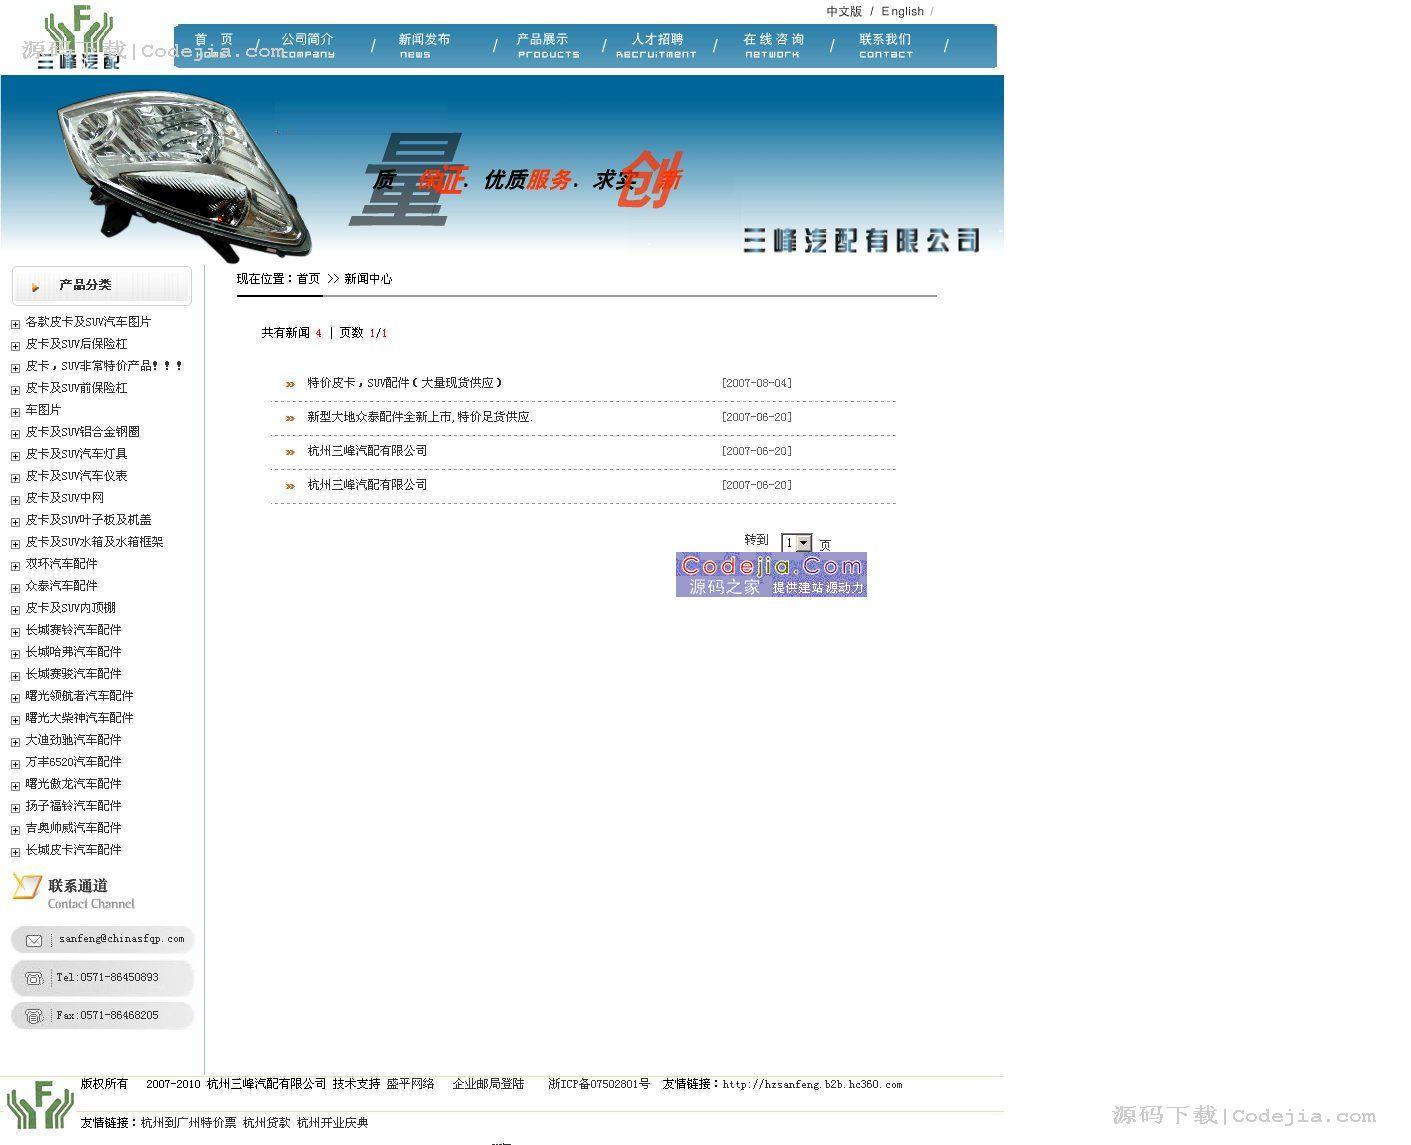 杭州一汽配有限公司网站 第3张 网通演示服务器